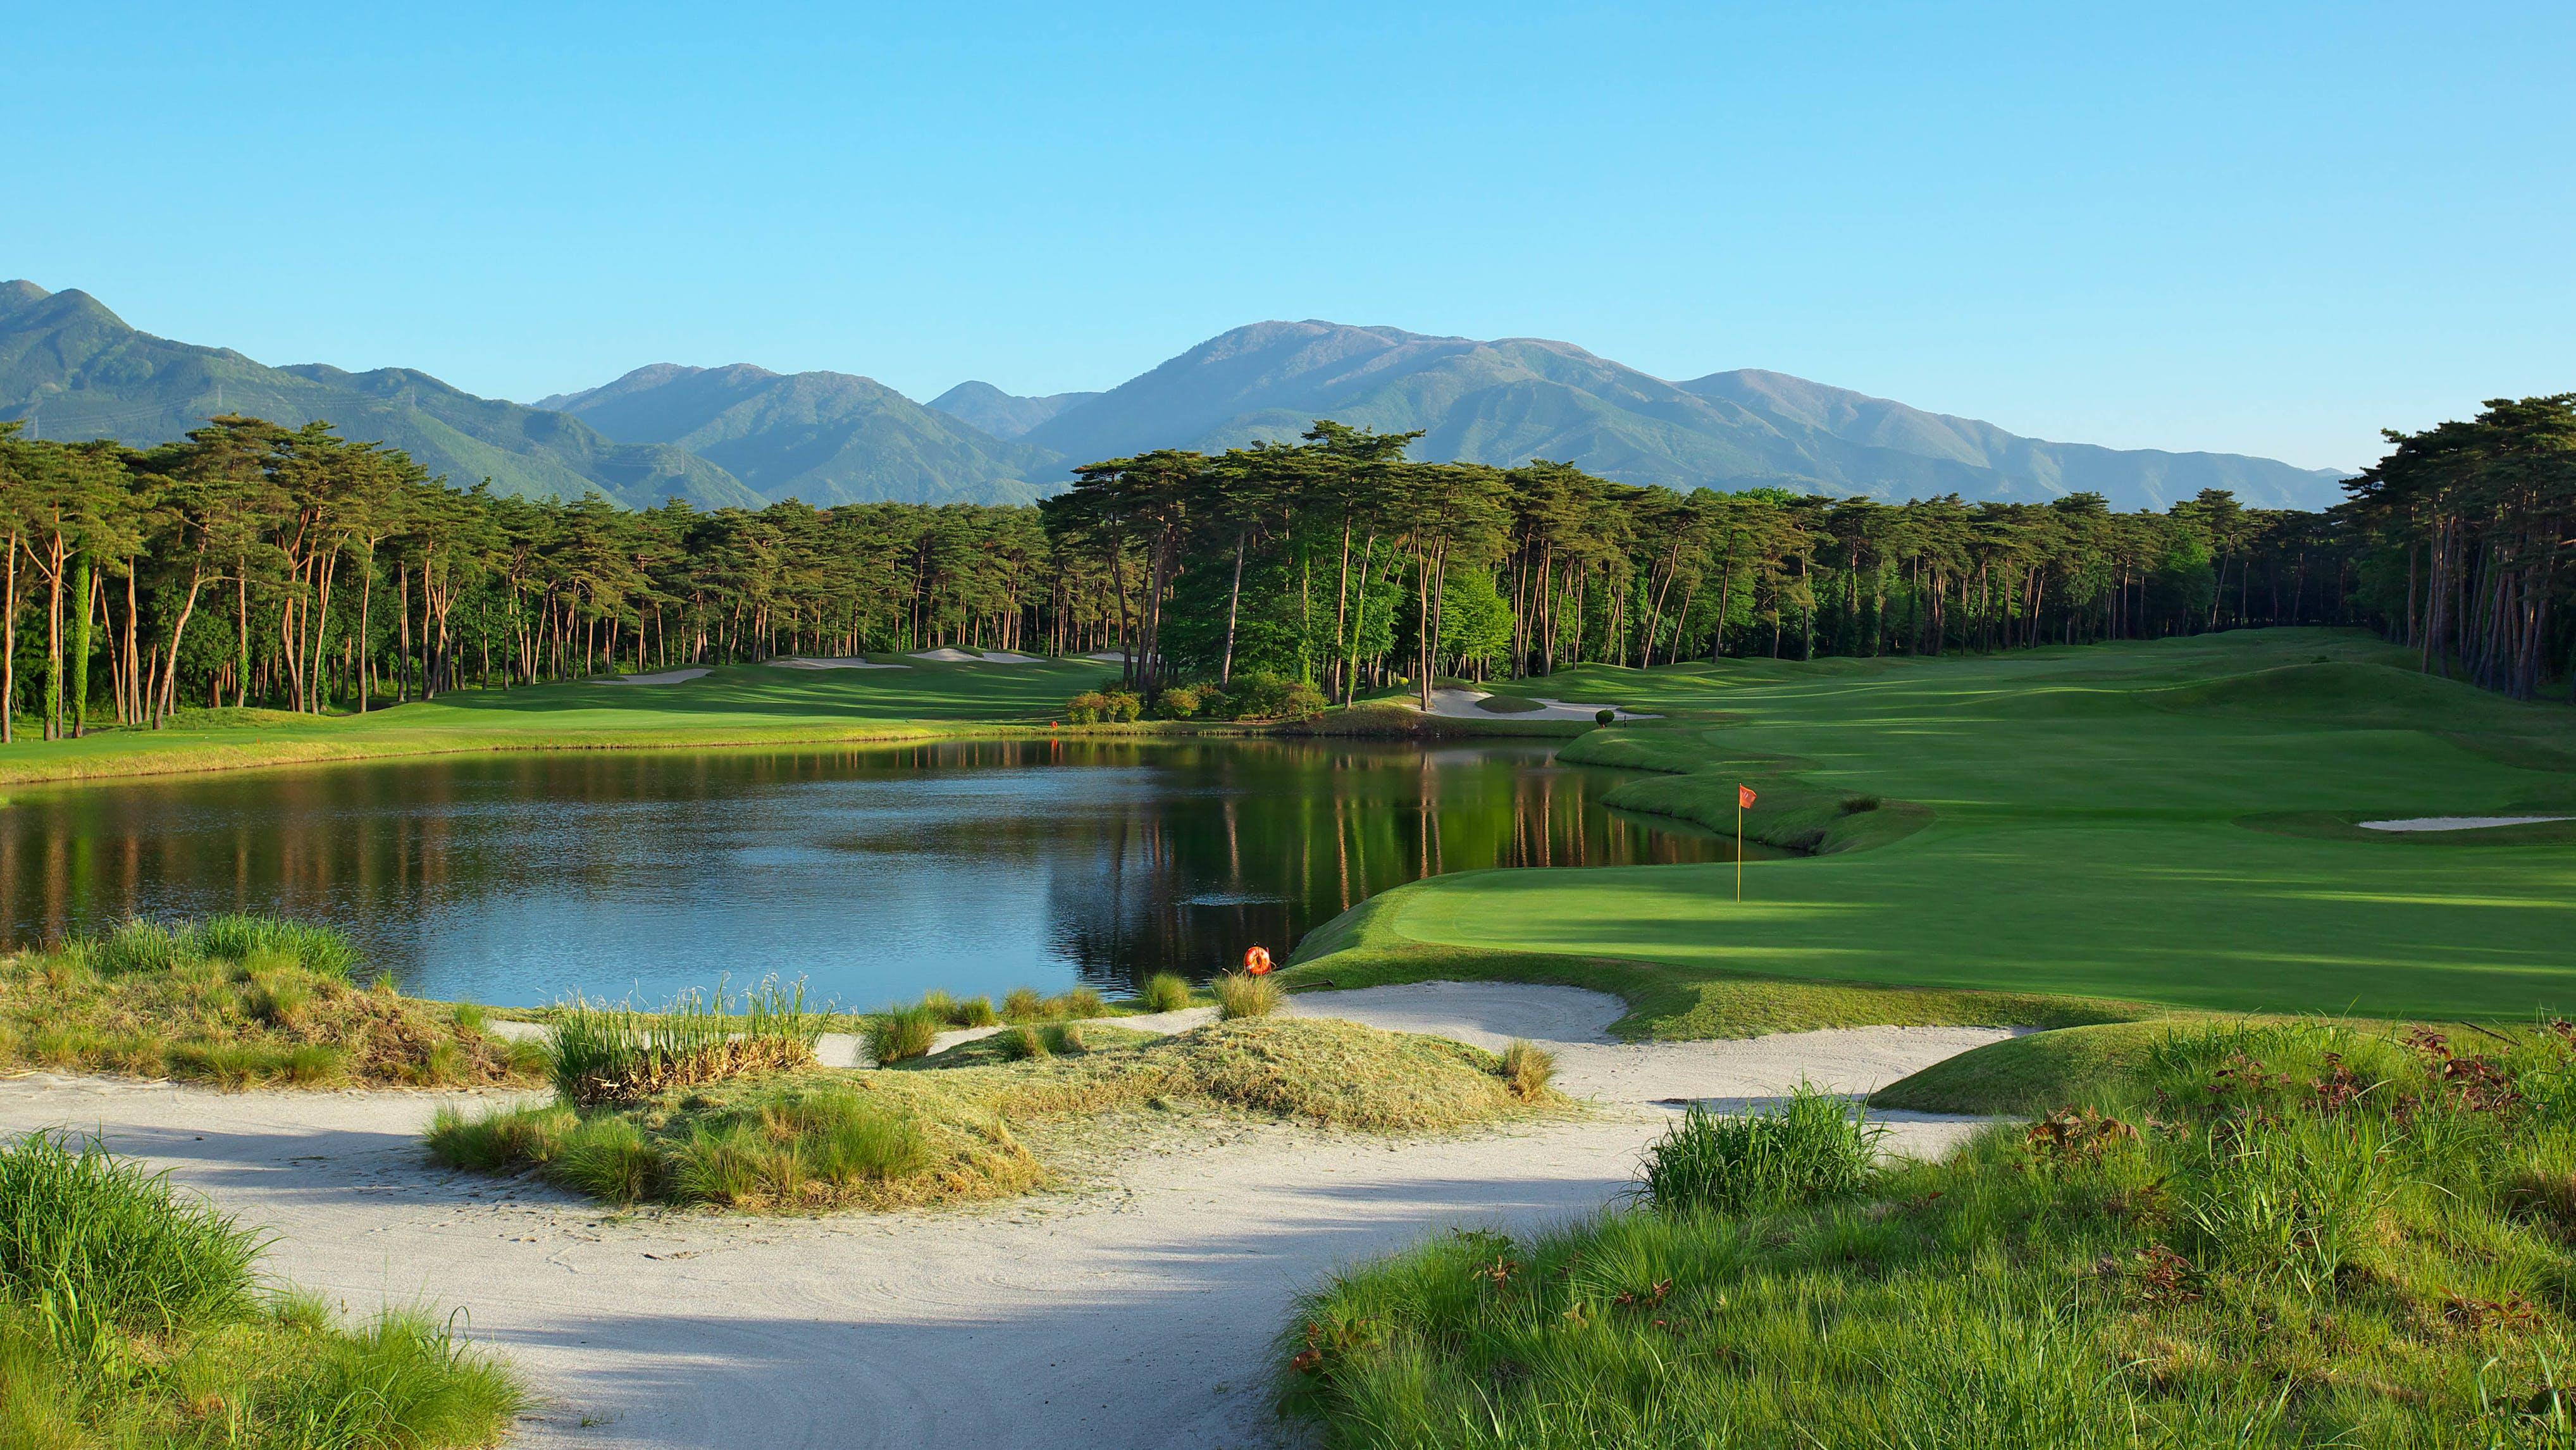 1泊2日ゴルフ旅で行きたい、名クラブに近い温泉宿特集